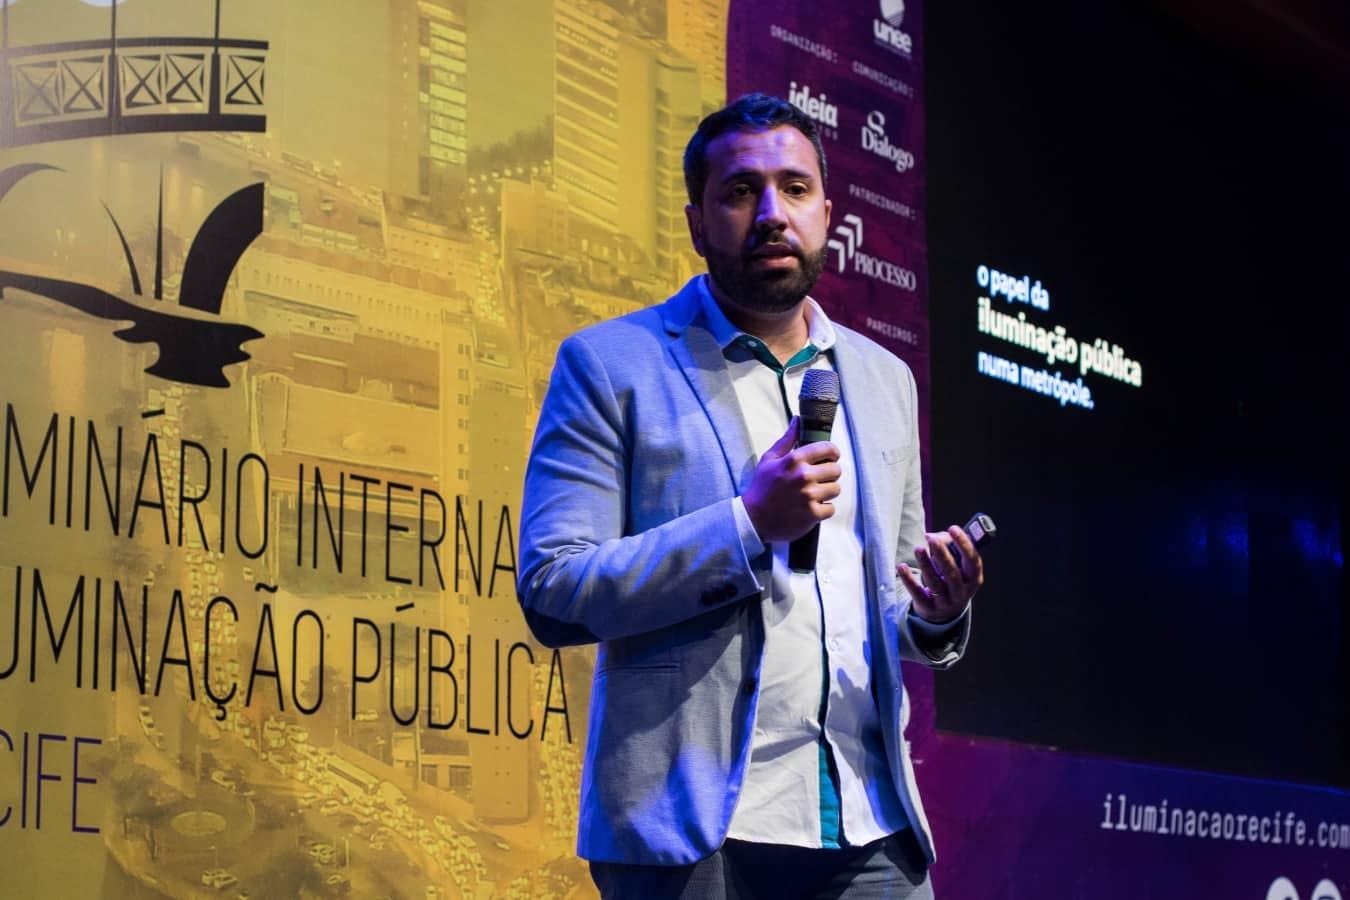 RAFAEL DO AMARAL TENÓRIO - Evento internacional no Recife discute iluminação pública